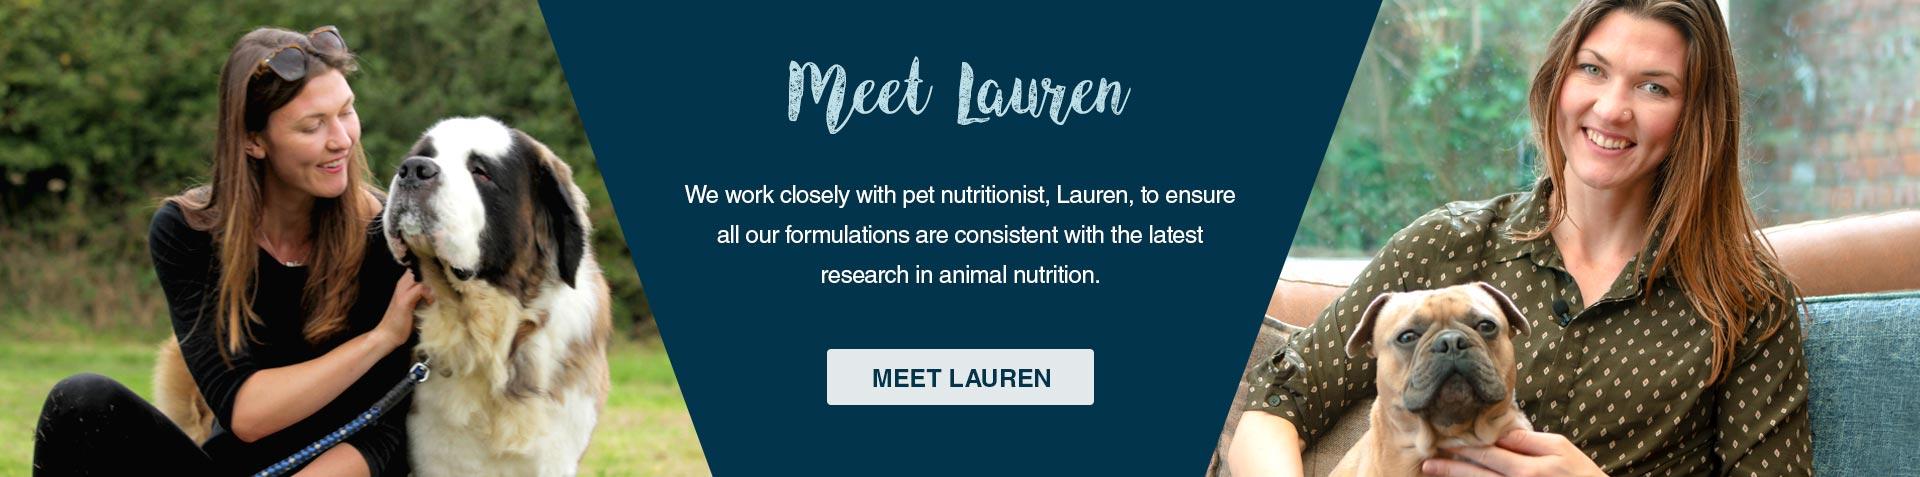 Meet Lauren, our Animal Nutritionist